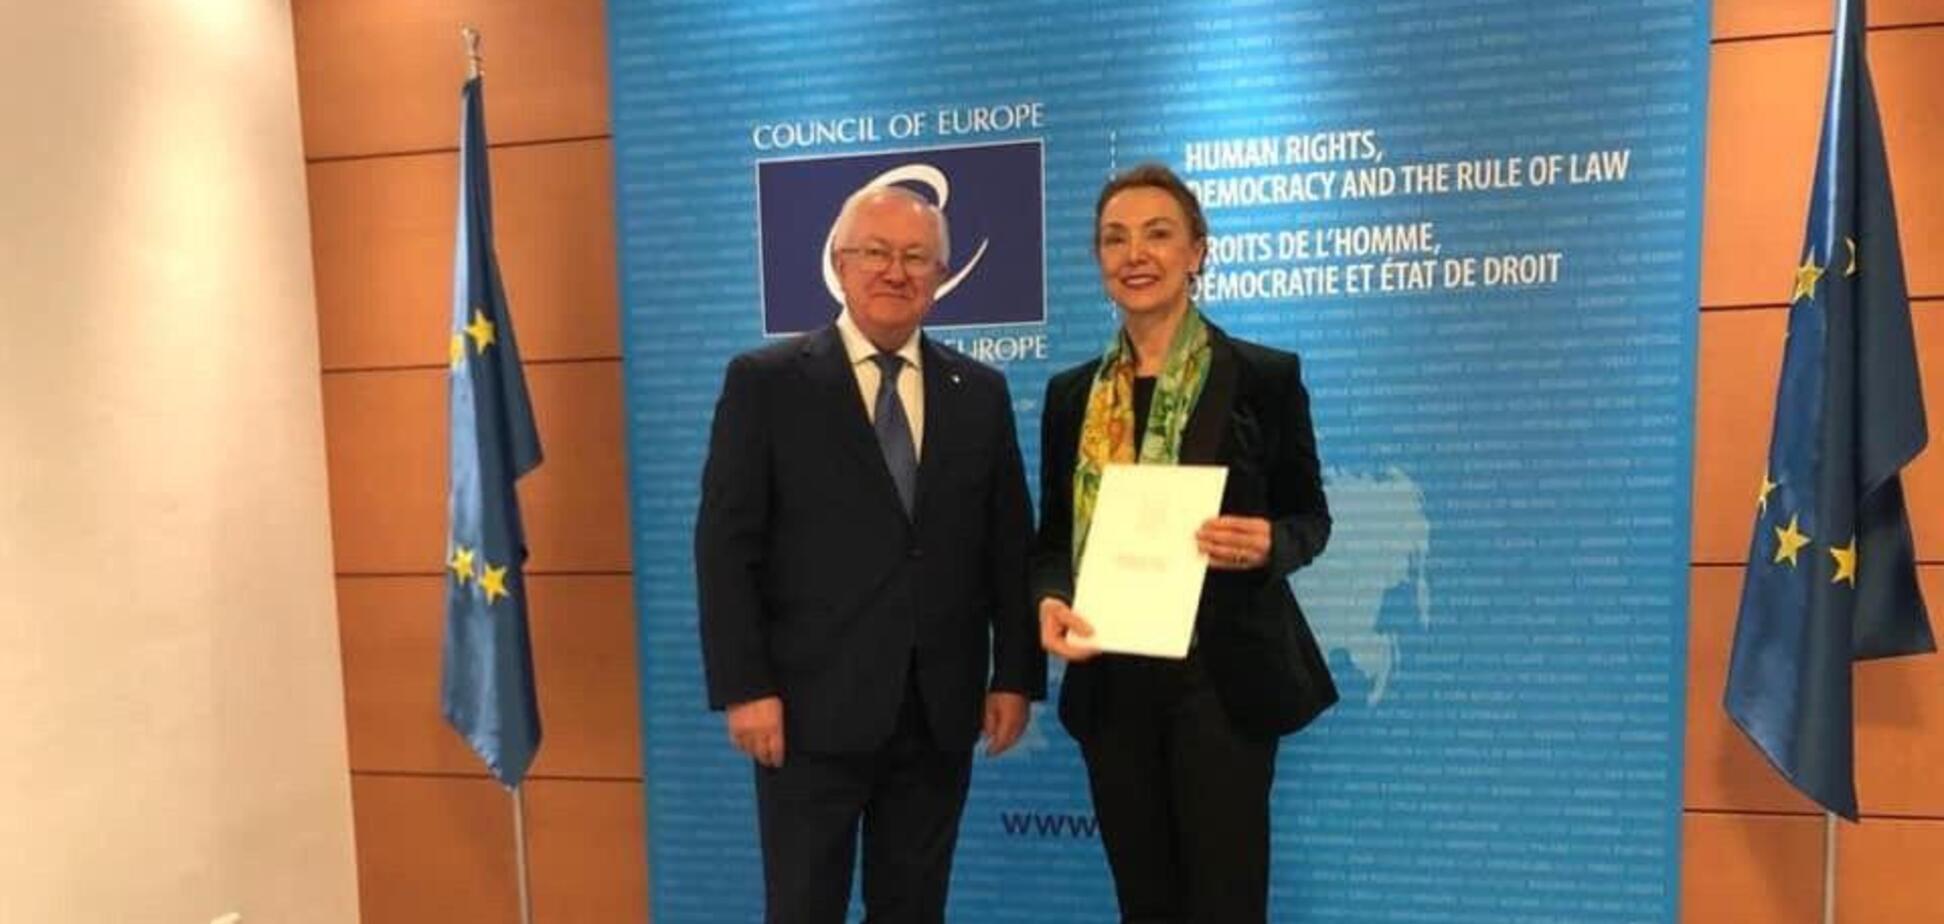 Борис Тарасюк стал постпредом Украины в Совете Европы